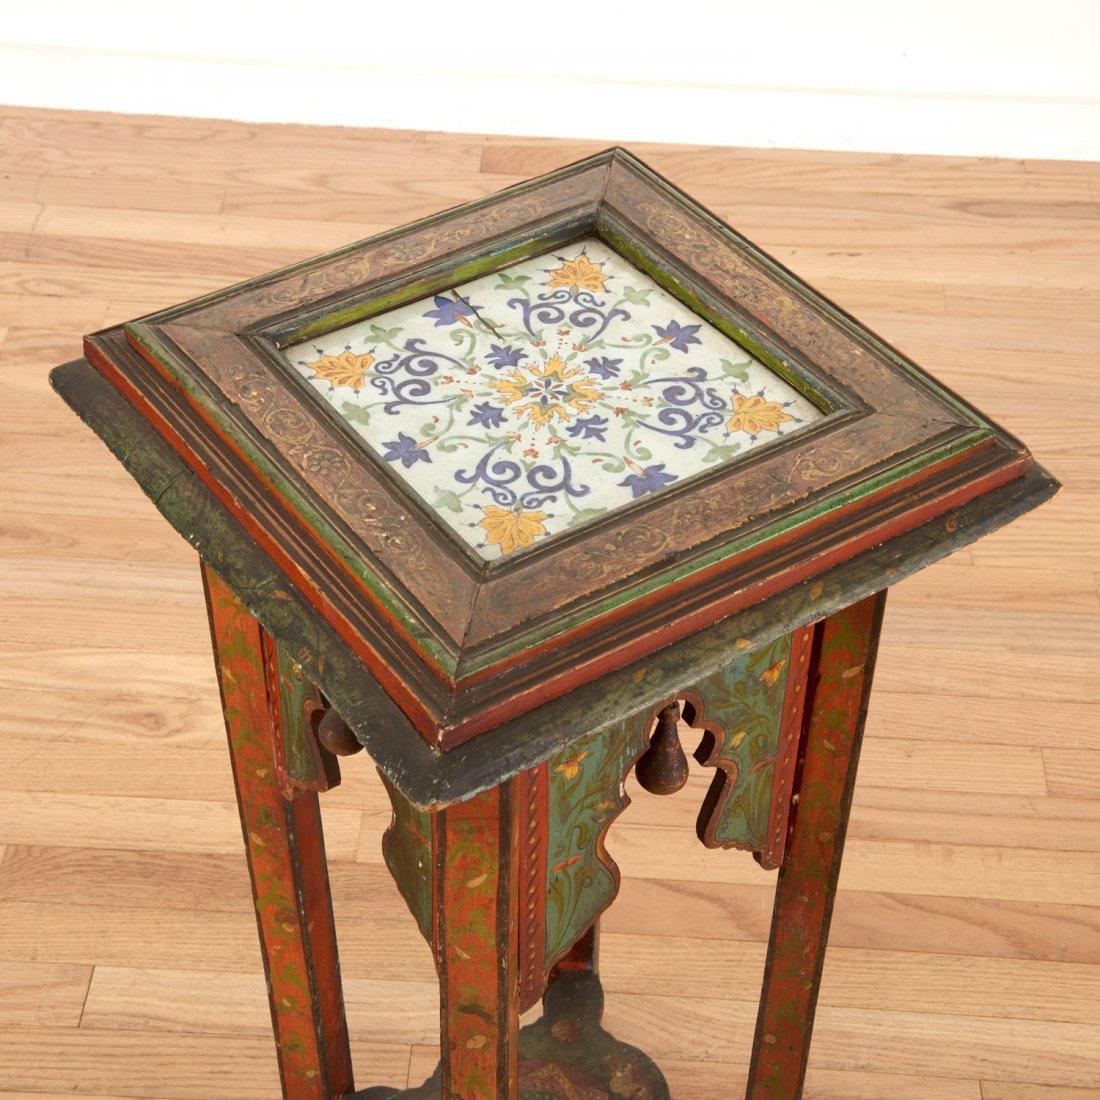 Middle Eastern polychrome tile inset pedestal - 3